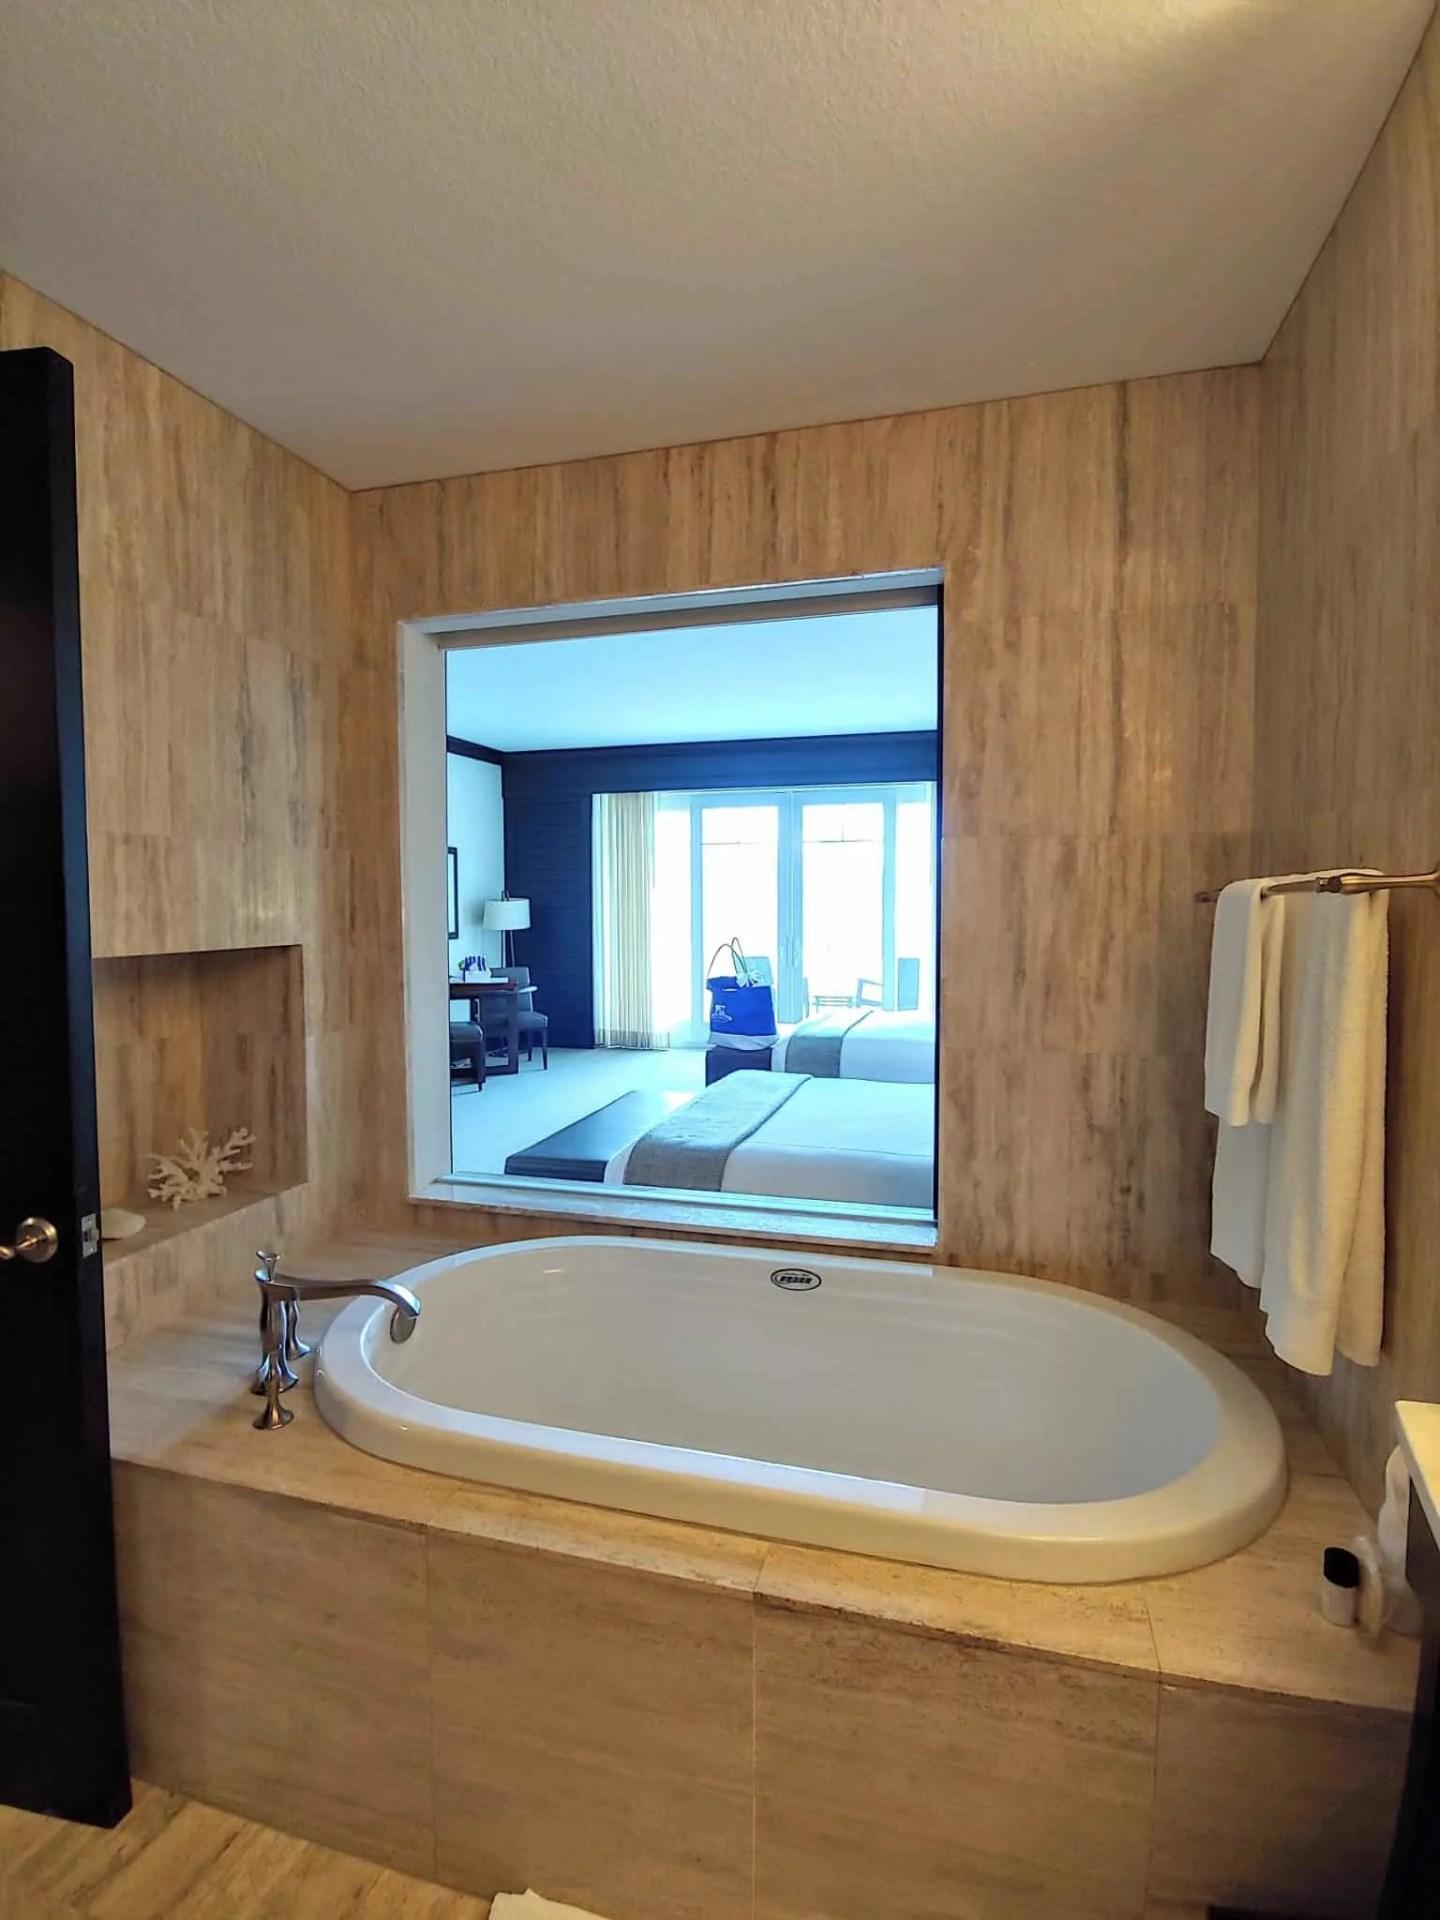 soaker tub overlooking bedroom